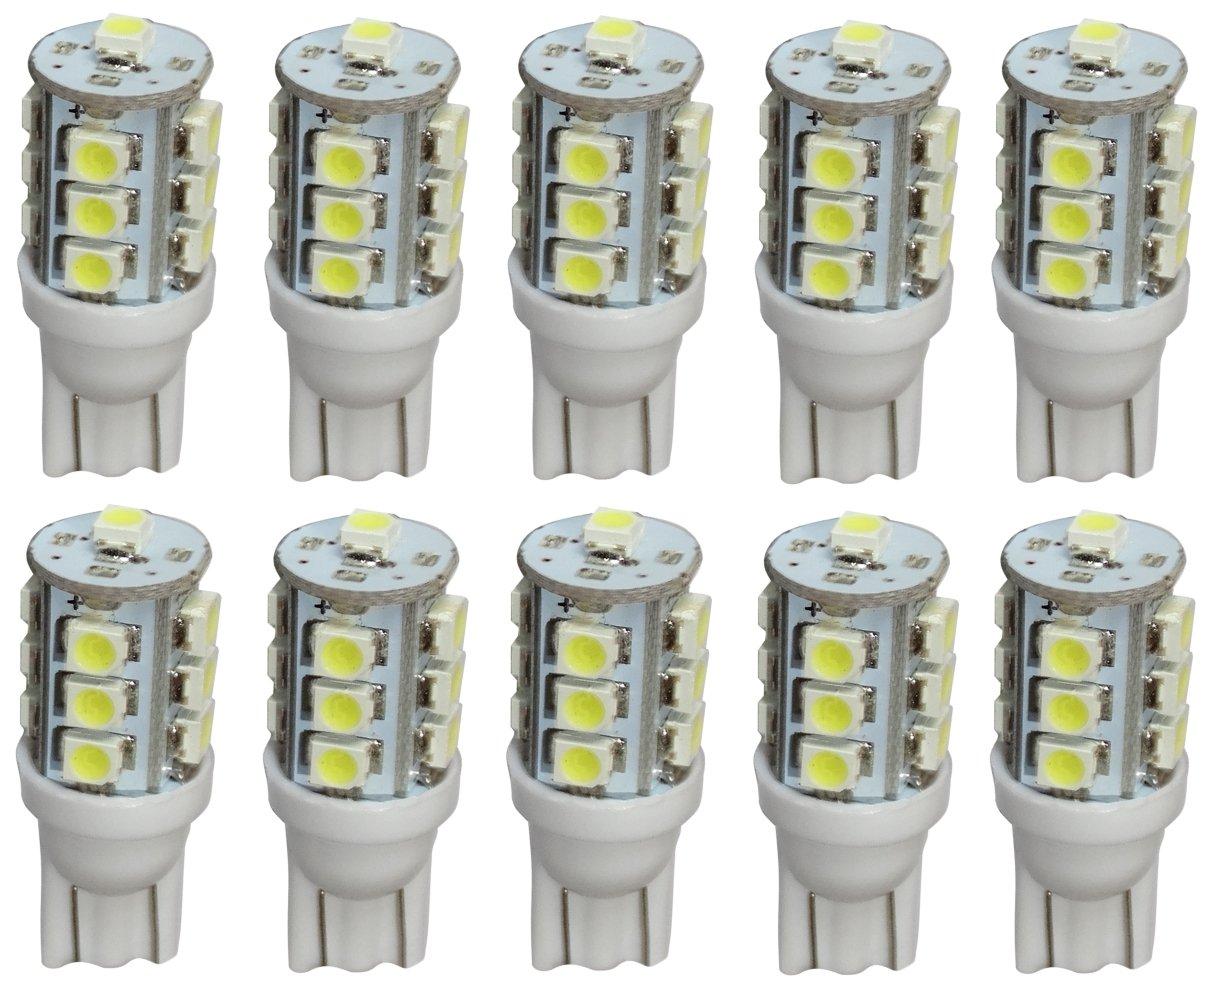 luz del techo AERZETIX: 10 x Bombillas T10 W5W 12V LED SMD azul para iluminacion interior luces umbrales de puertas del compartimiento del motor y del maletero luz de matricula